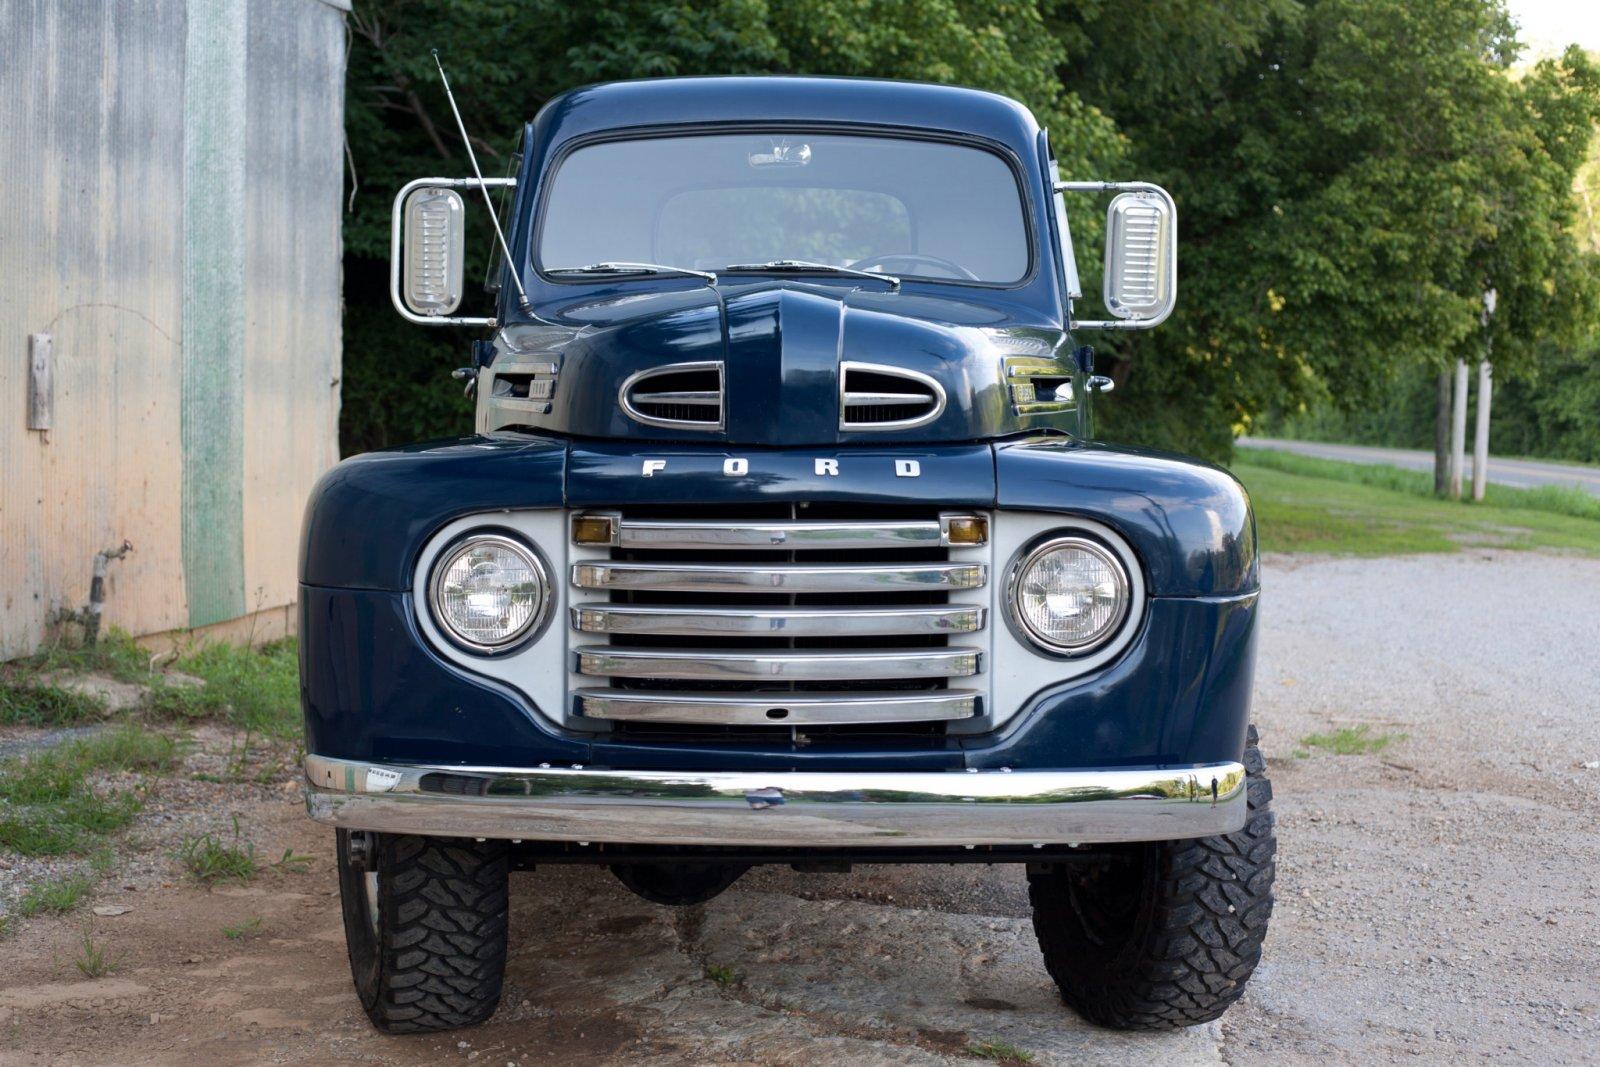 1950 Ford F1 Pickup Truck 4x4 7.jpg